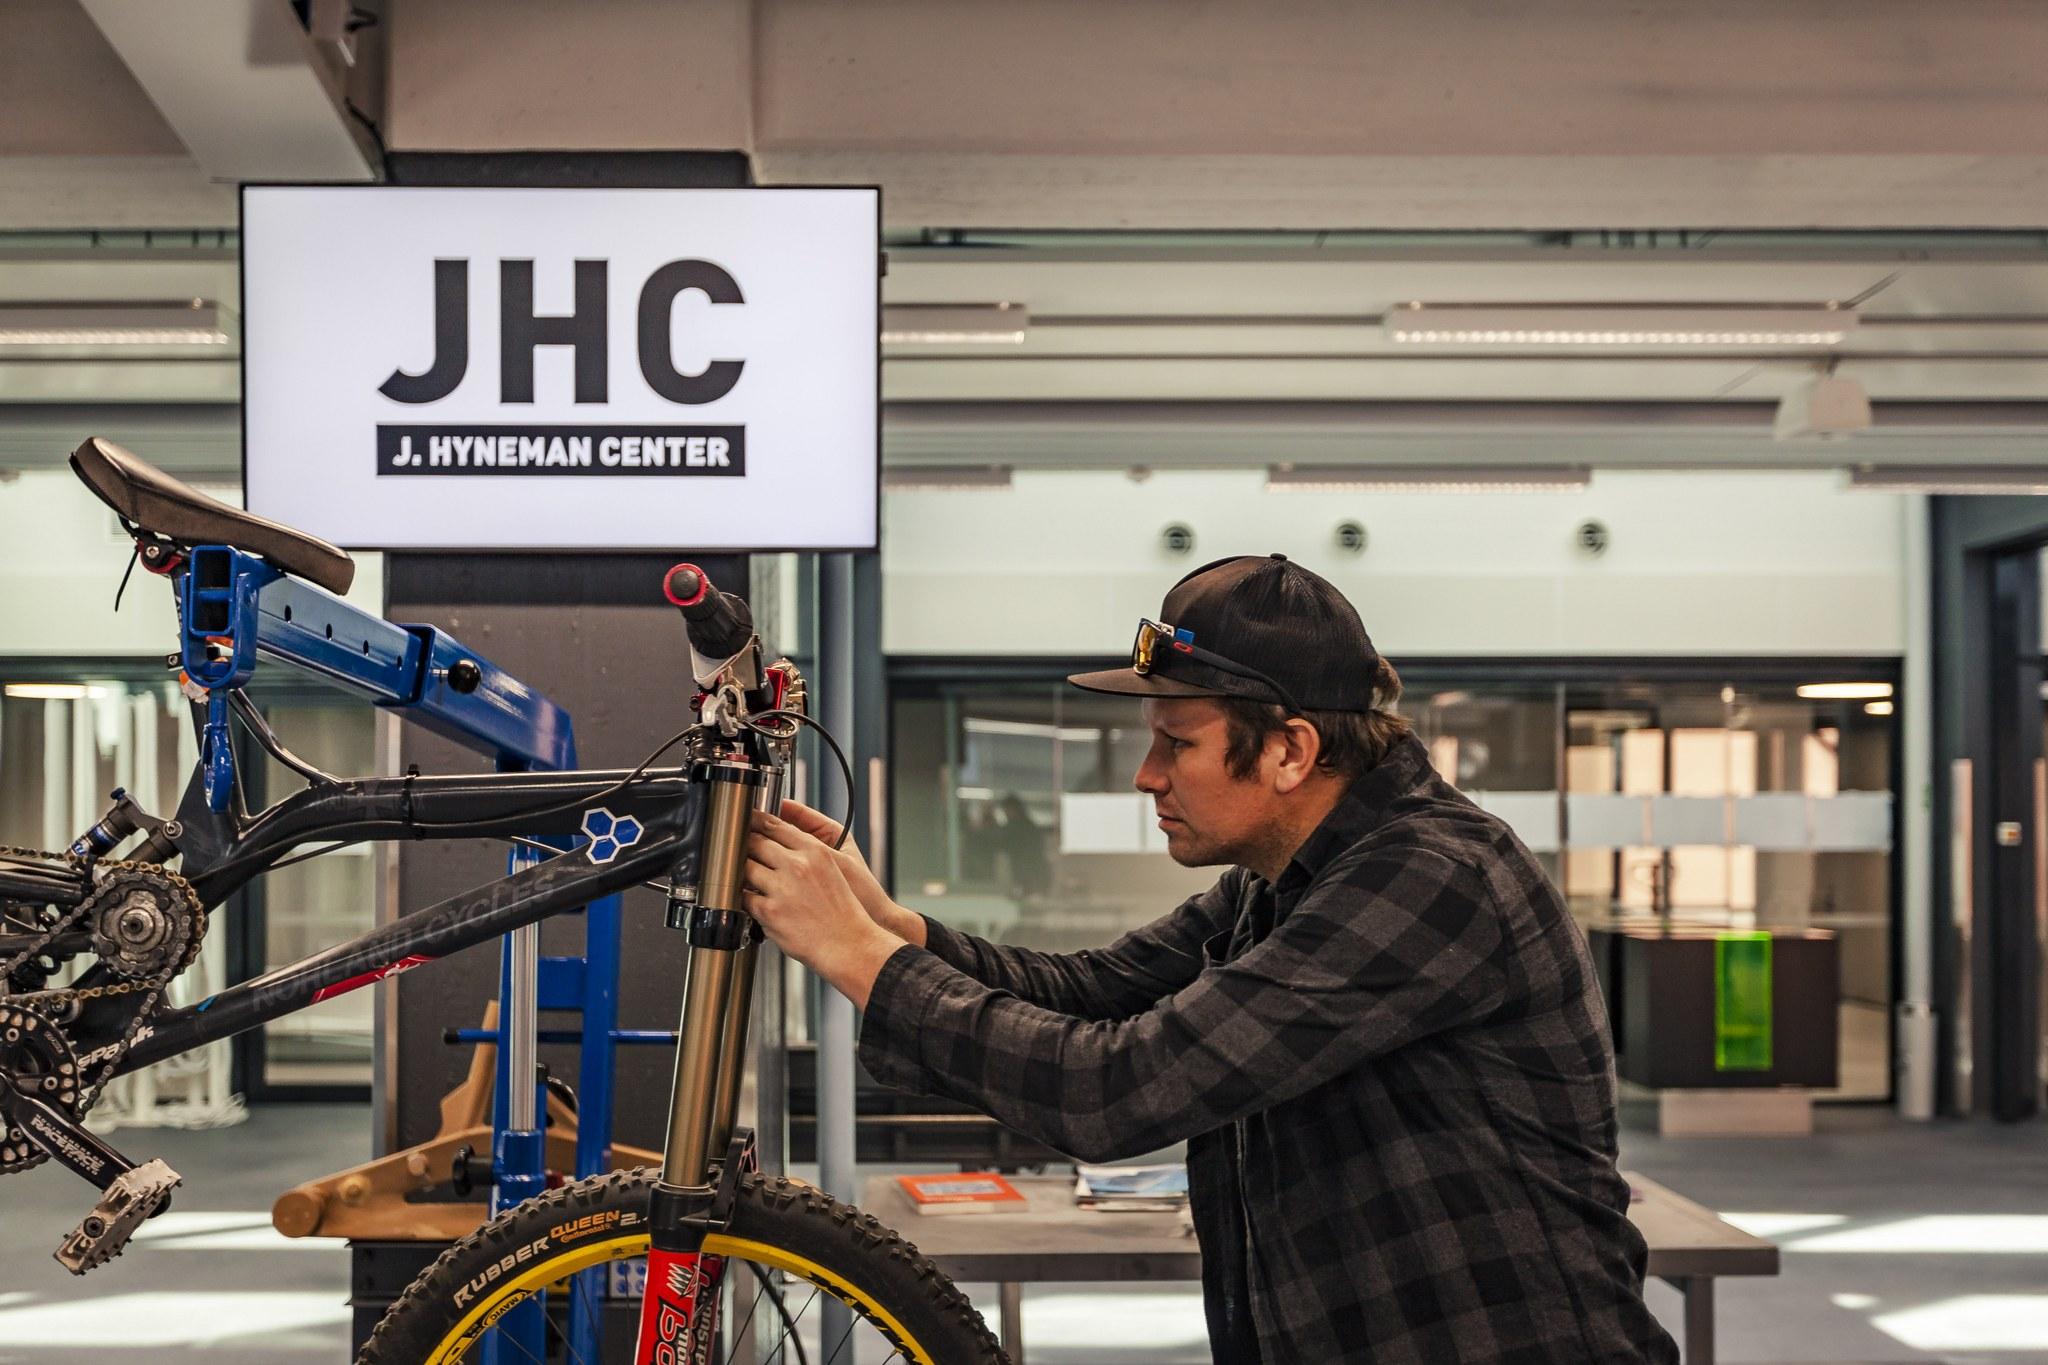 Jamie Hyneman Center - an Easy Access Protolab